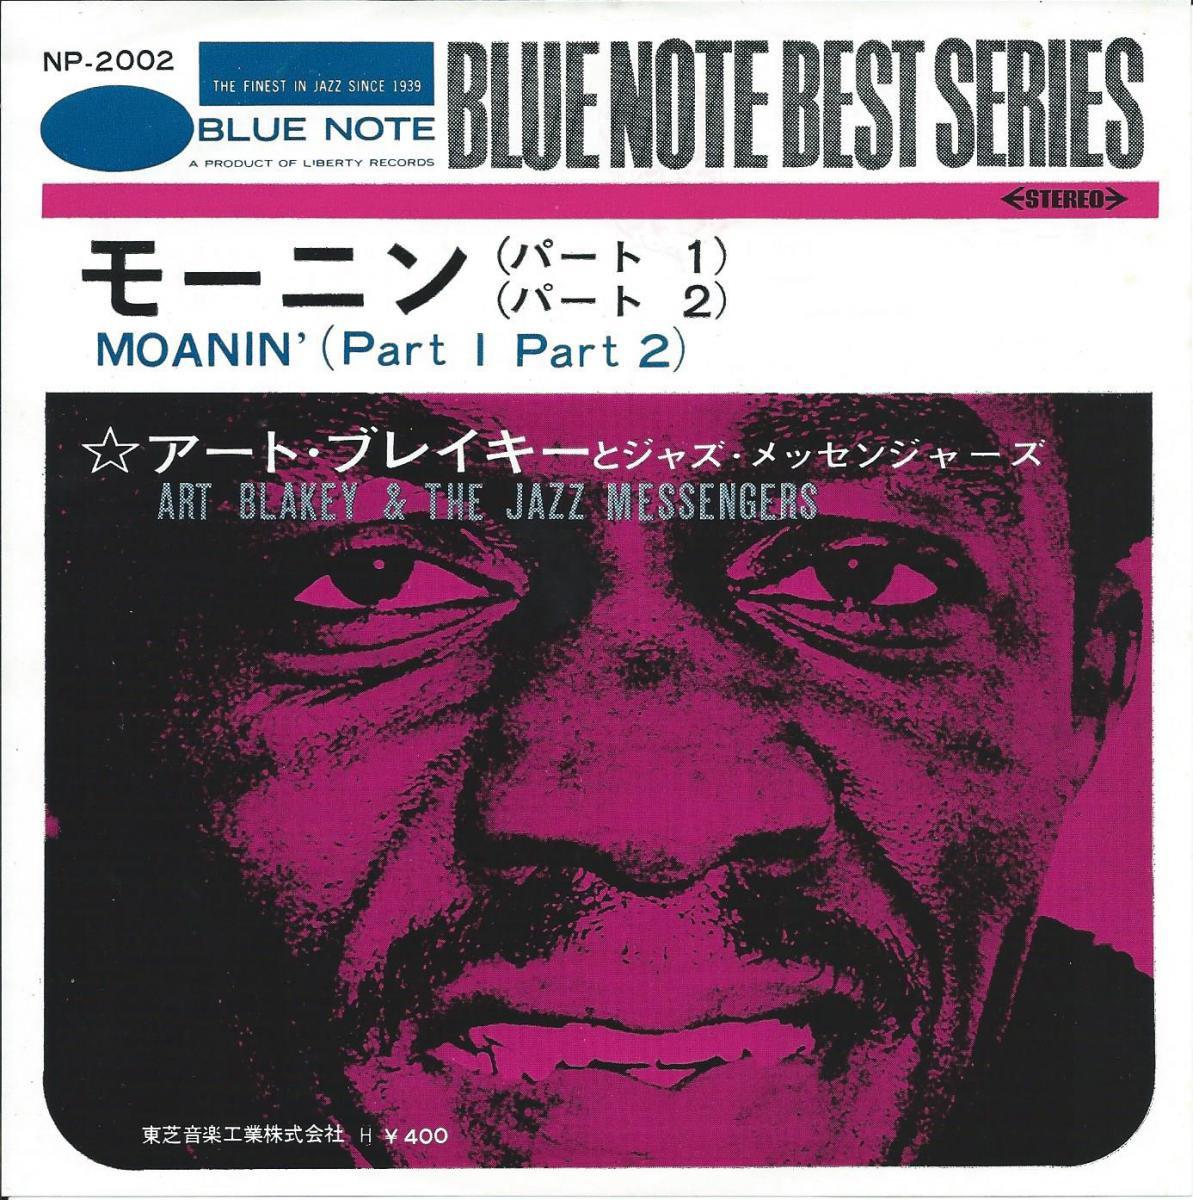 アート・ブレイキーとジャズ・メッセンジャーズ / モーニン (パート1) (パート2) / MOANIN' (7